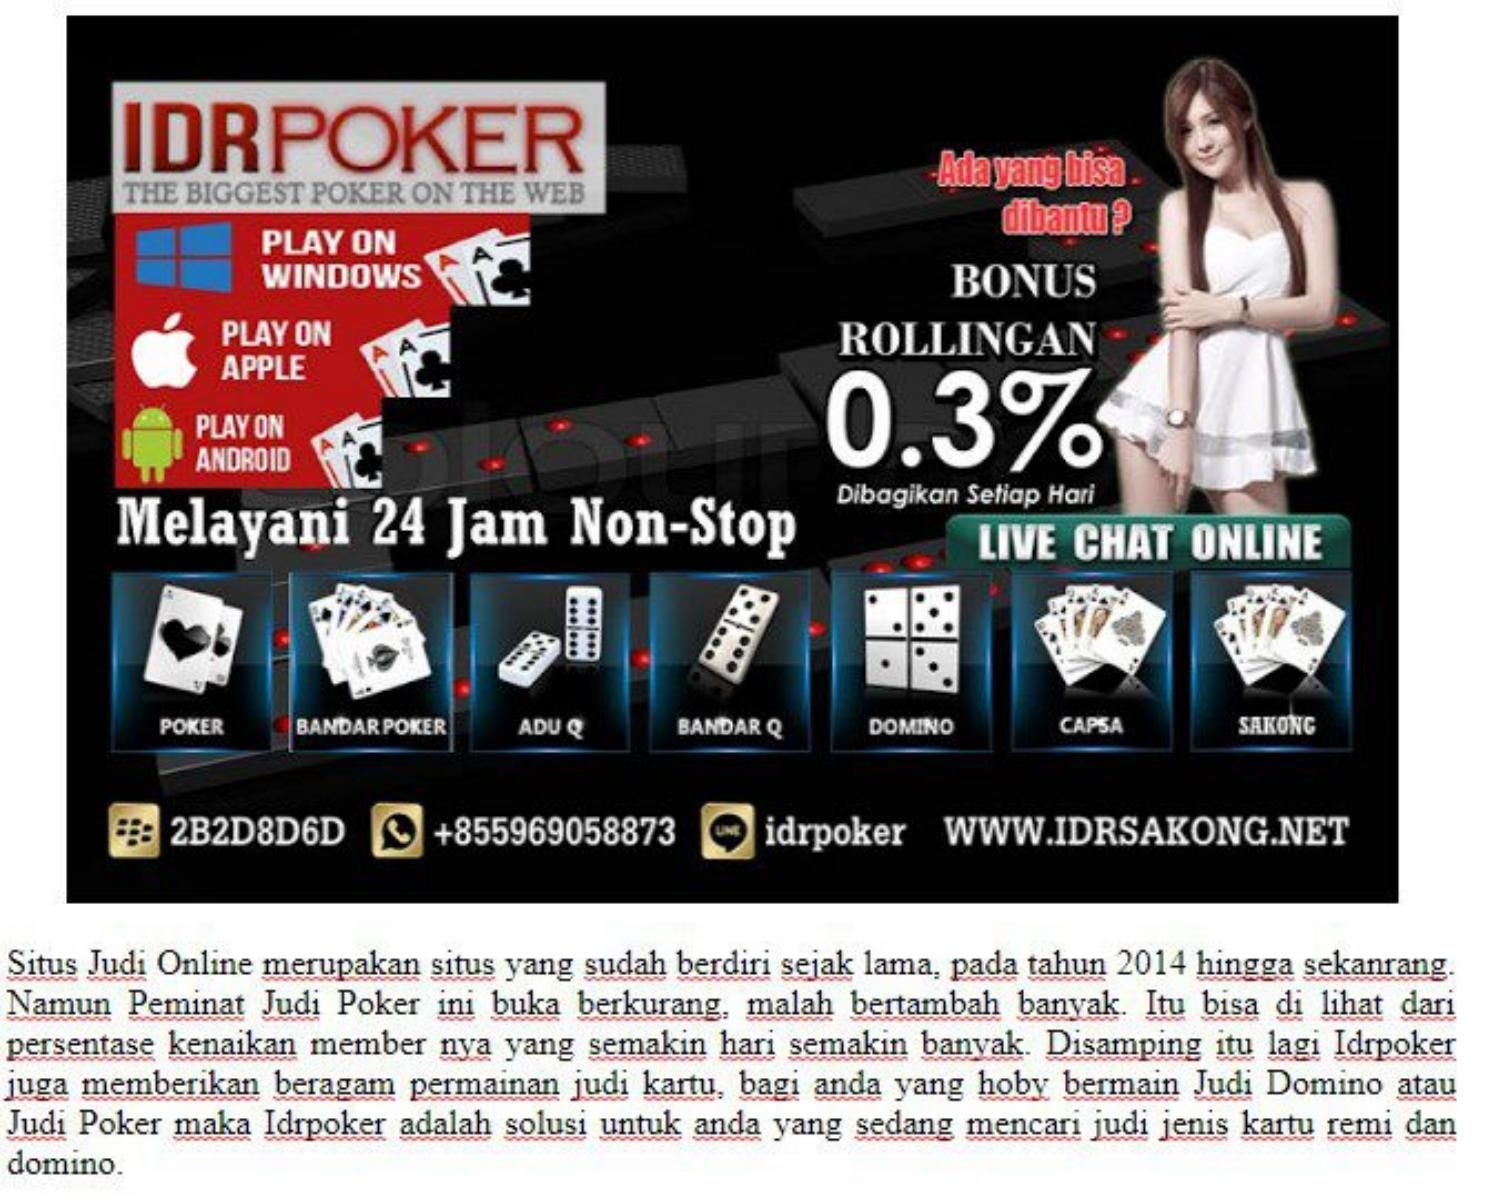 Idrpoker agen poker online indonesia terpercaya boutique galerie marchande geant casino istres